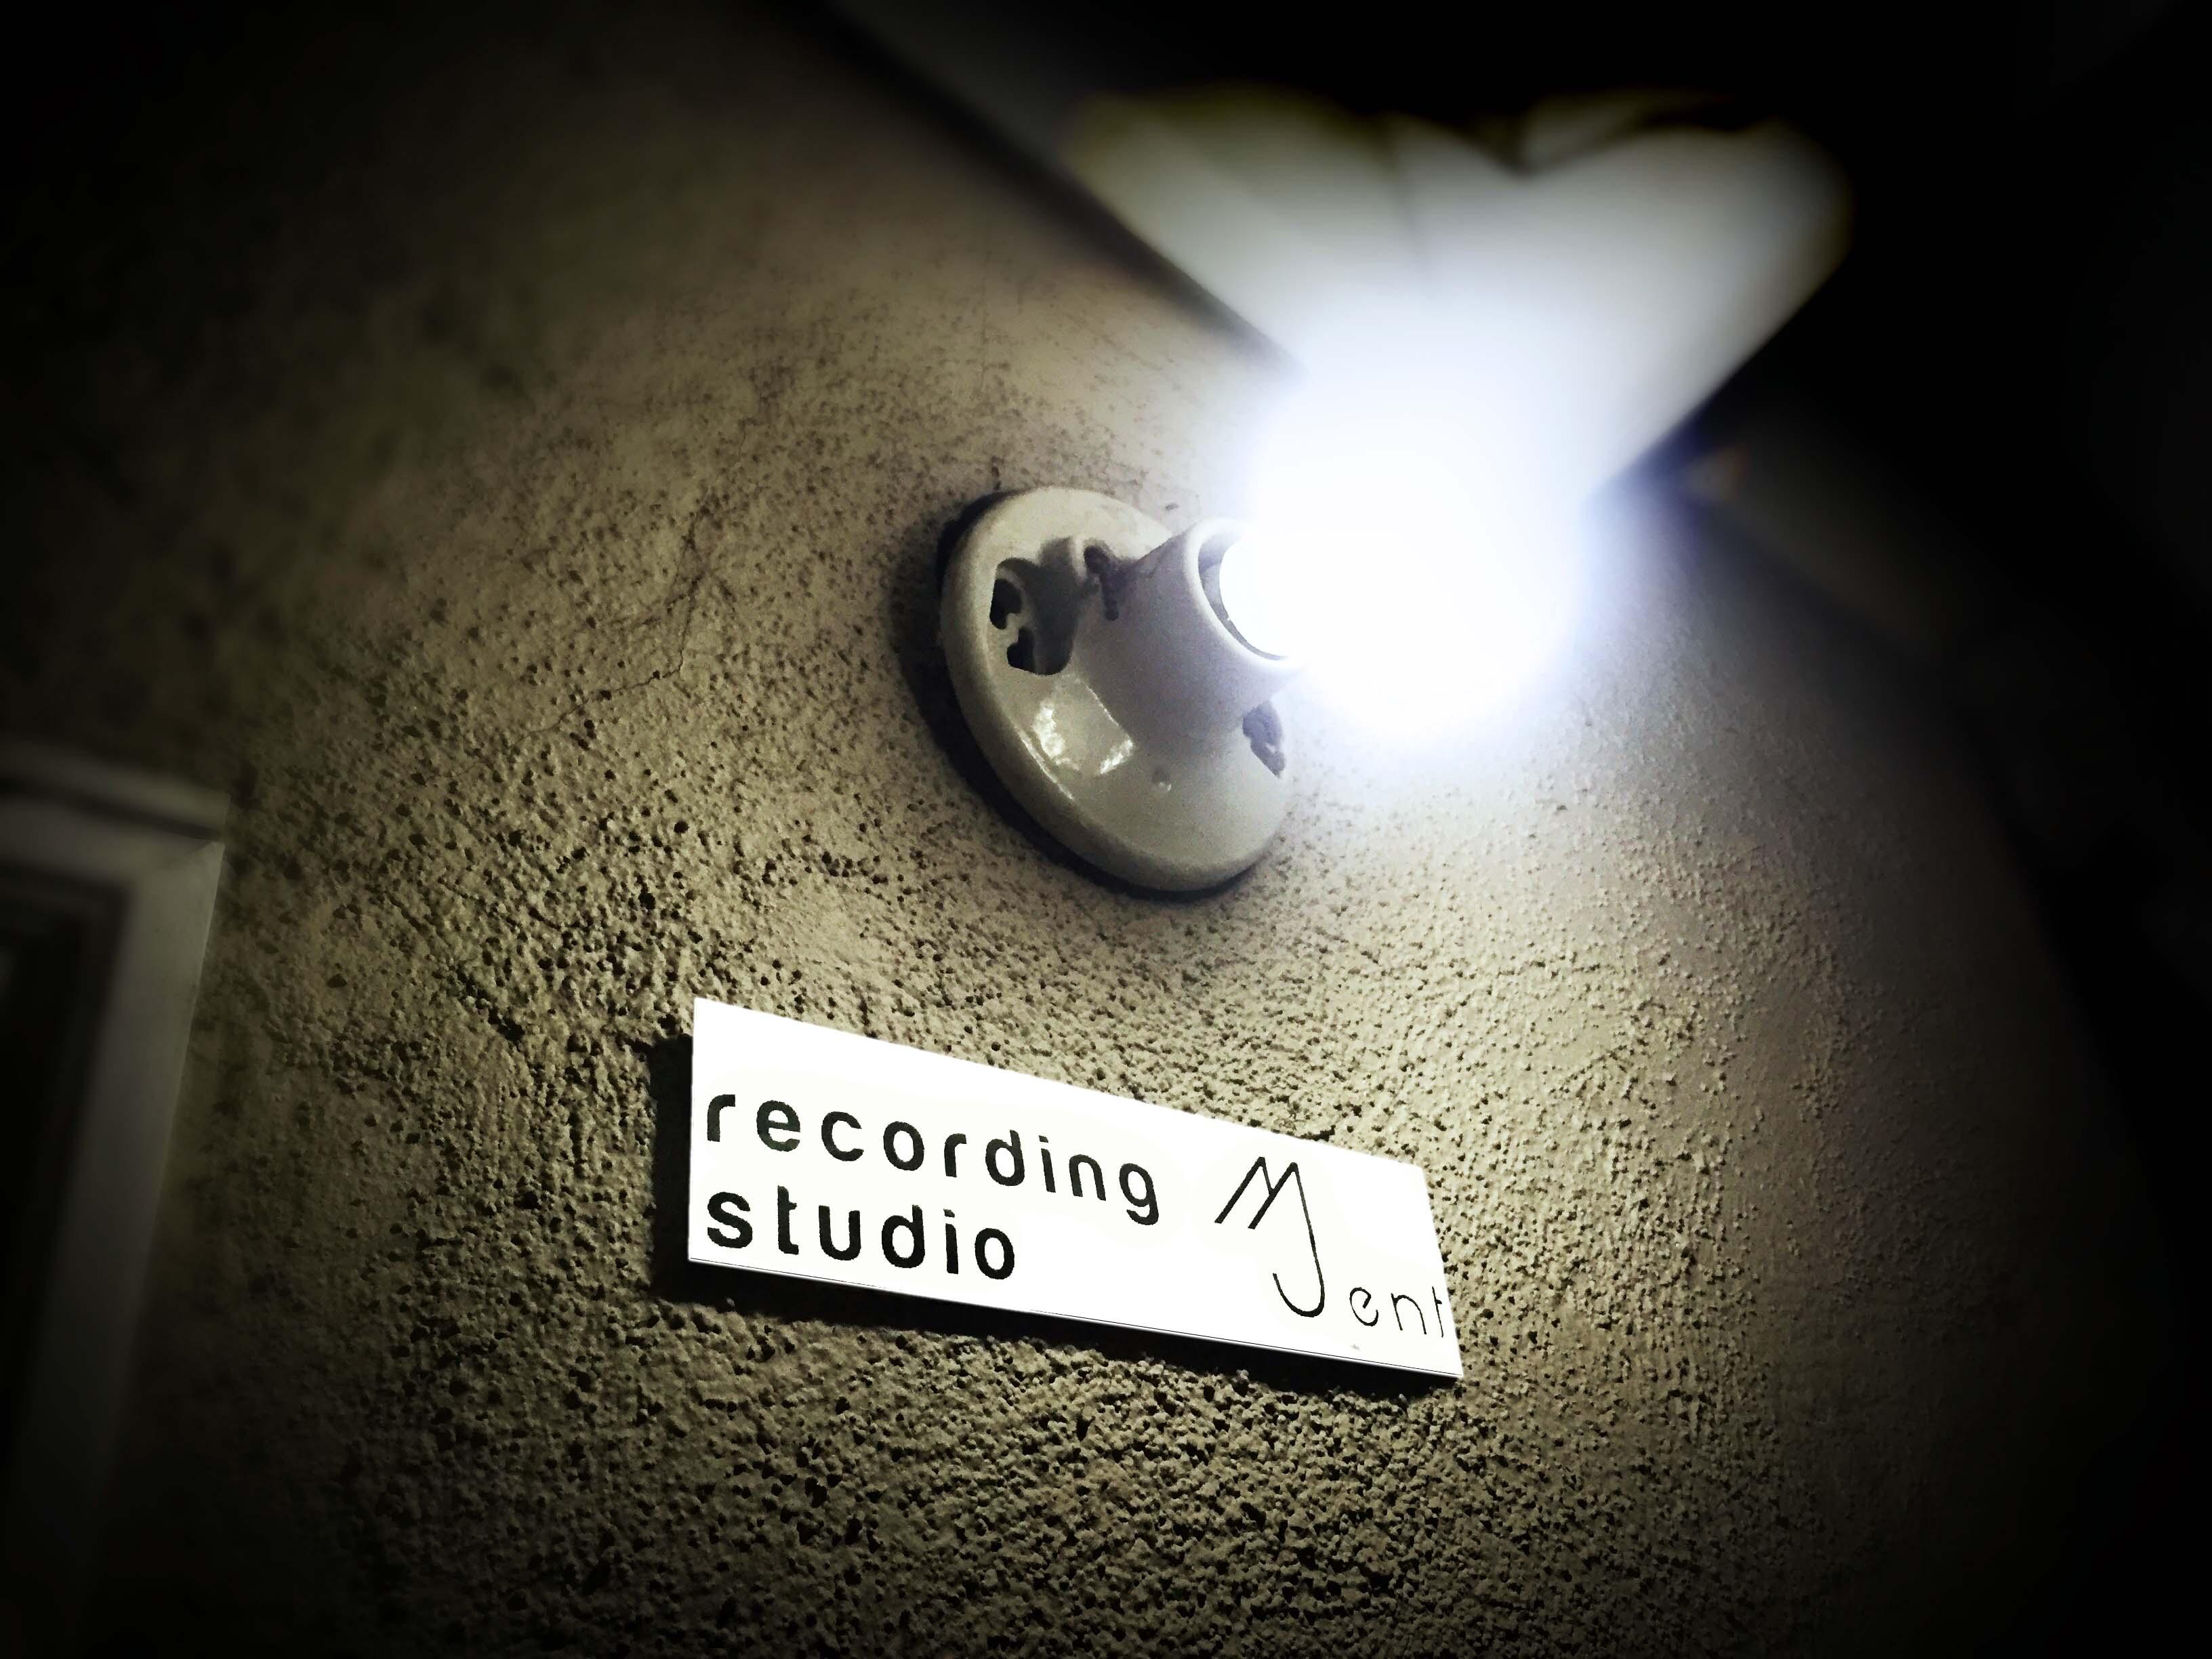 recording-studio-mjent-entry